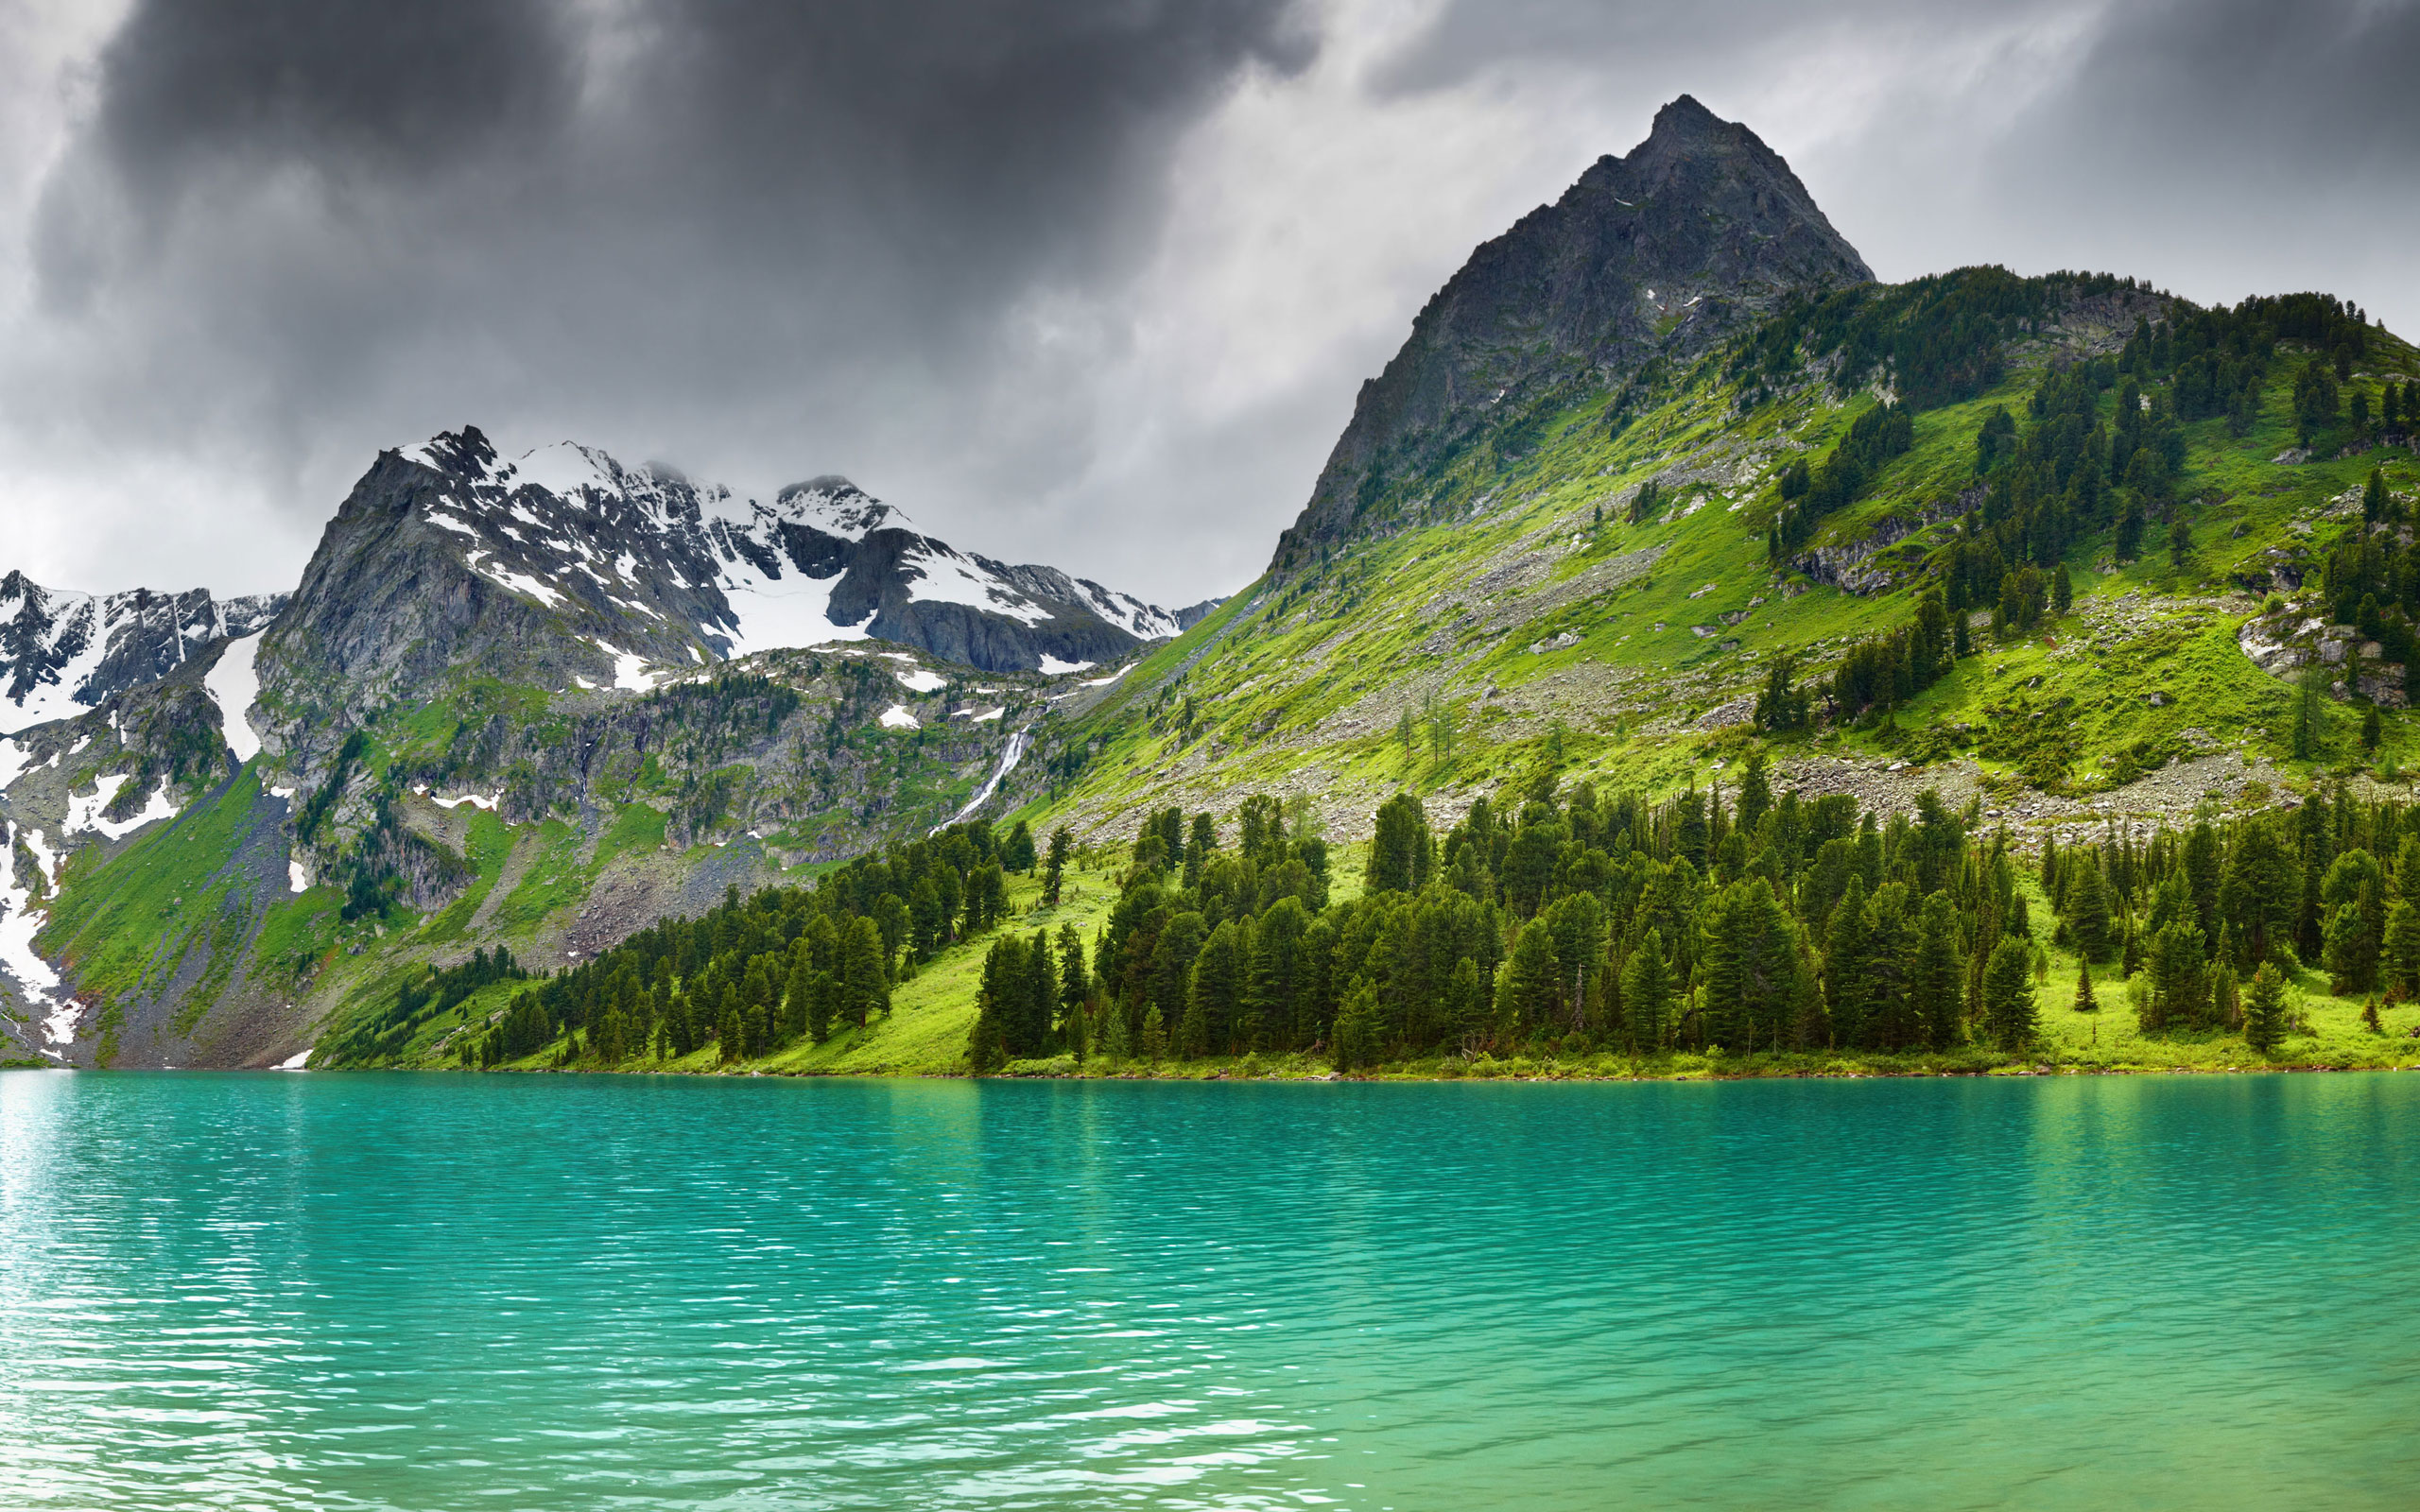 lakes desktop wallpaper hd - photo #4